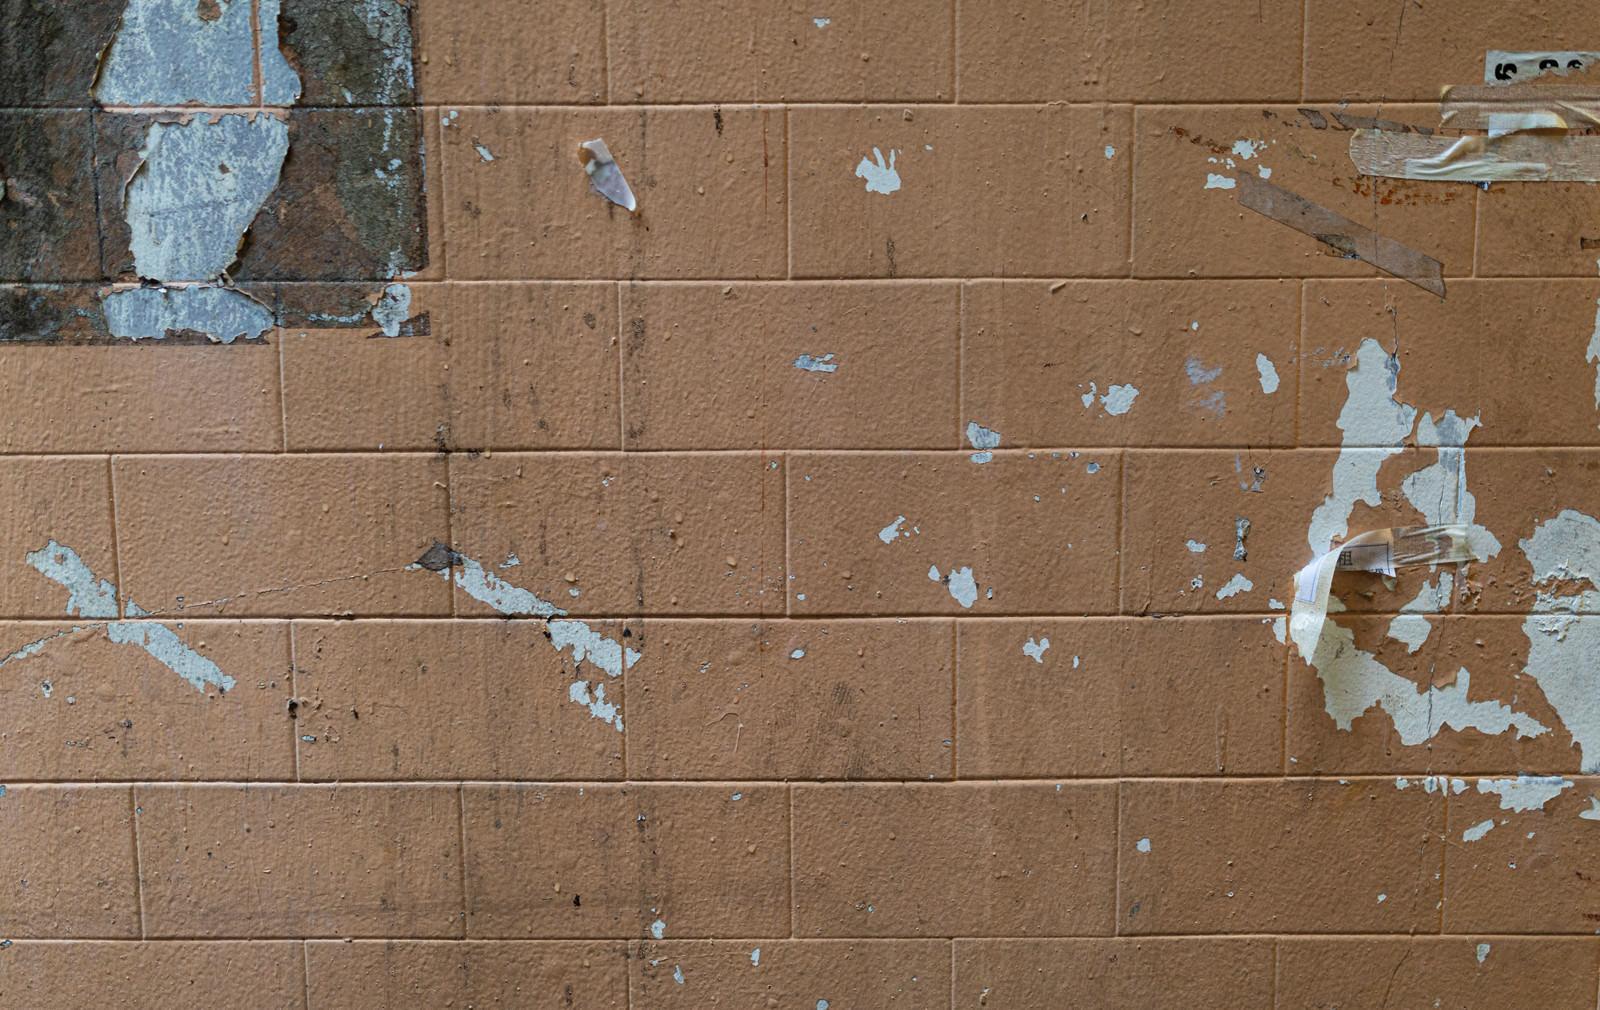 「壁にポスターが貼られた後」の写真